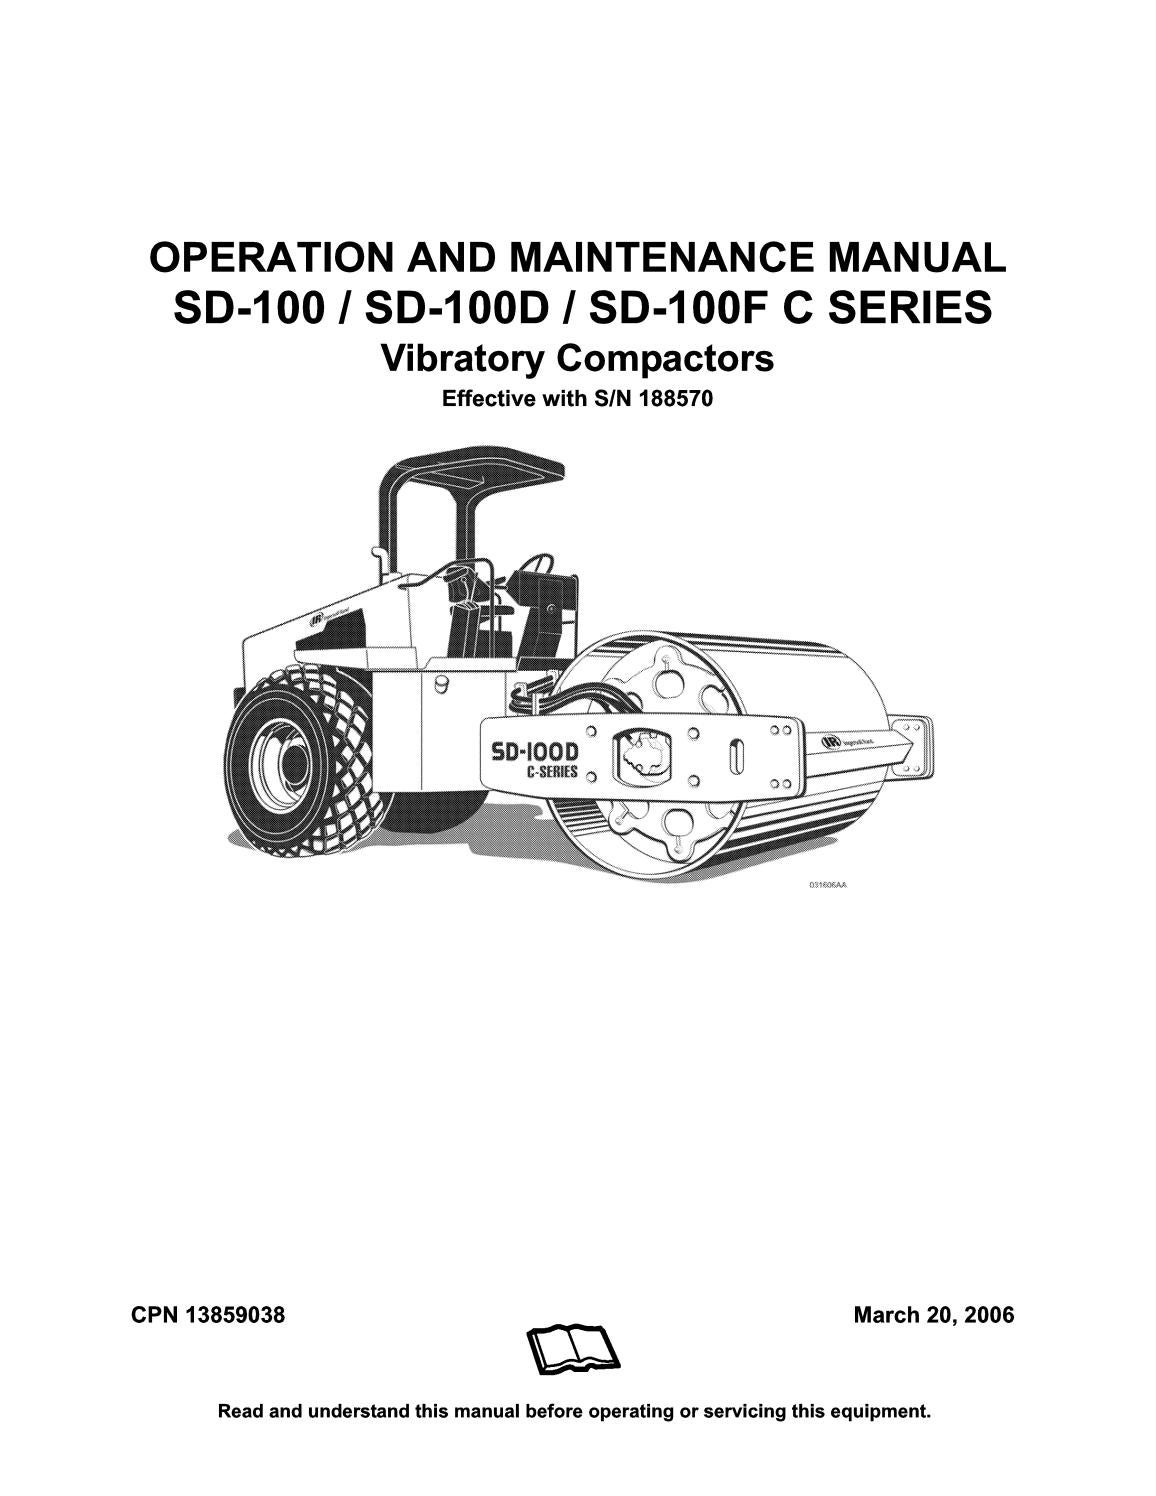 Ingersoll rand sd100 manual de mantenimiento y operacion